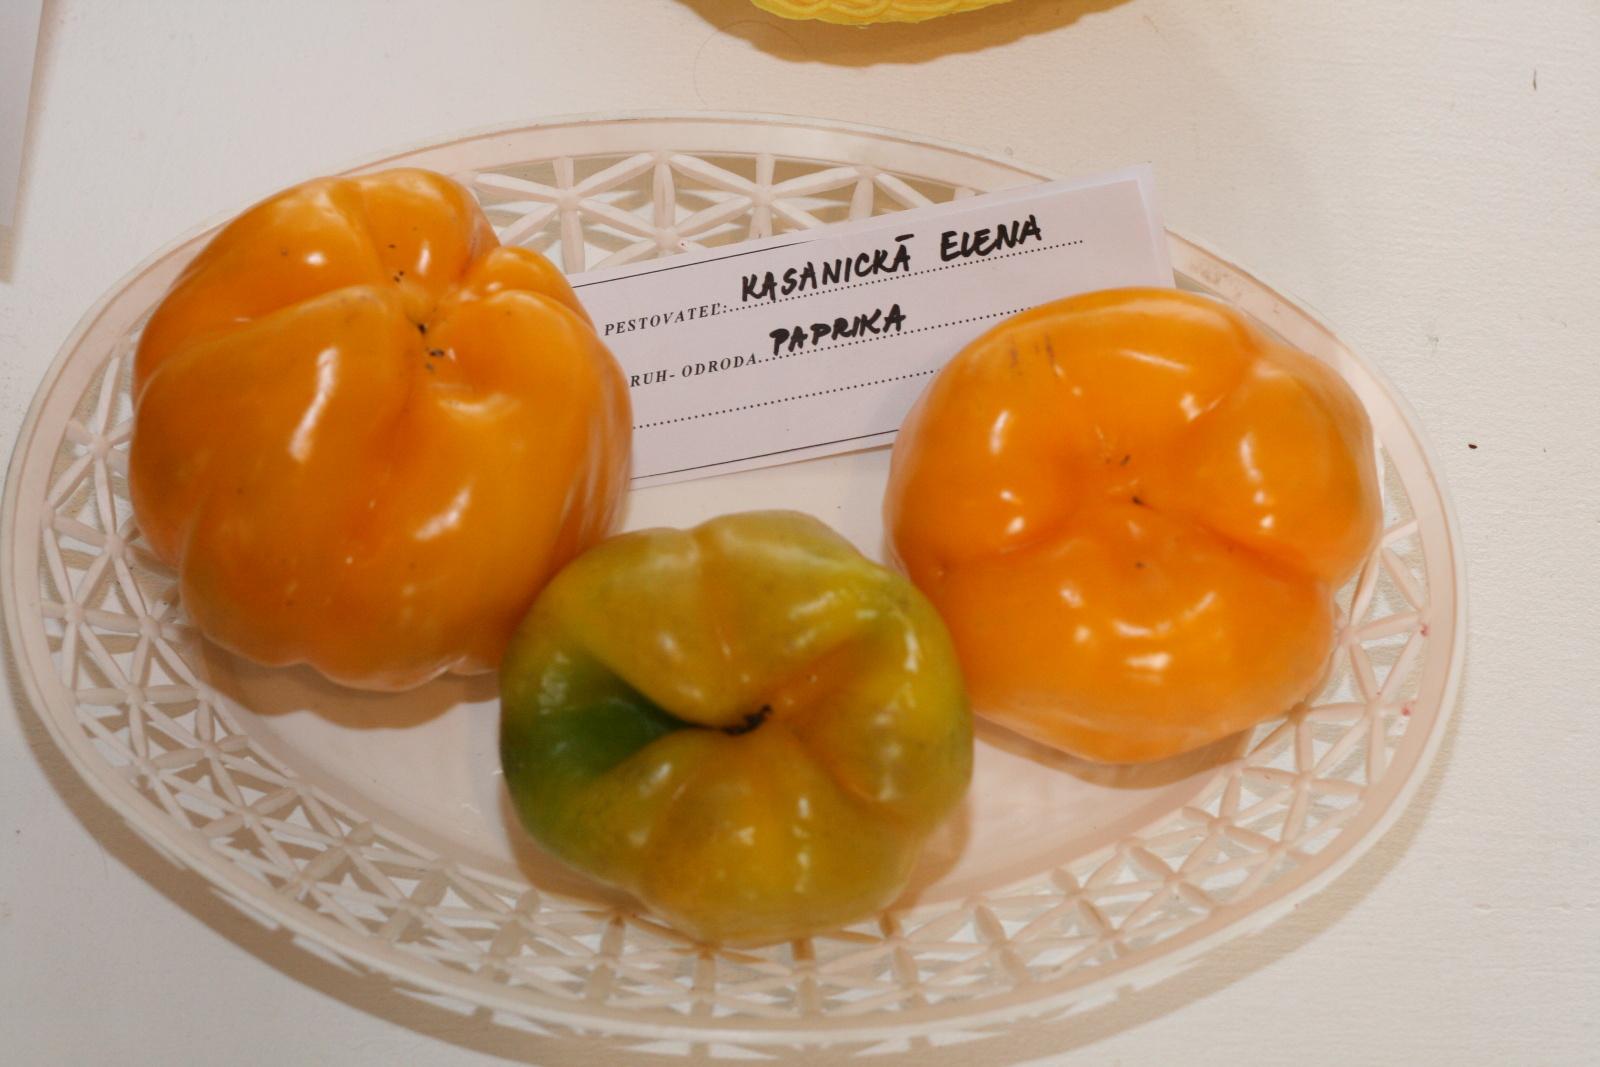 vystava-ovocia-zeleniny-zvolen-25